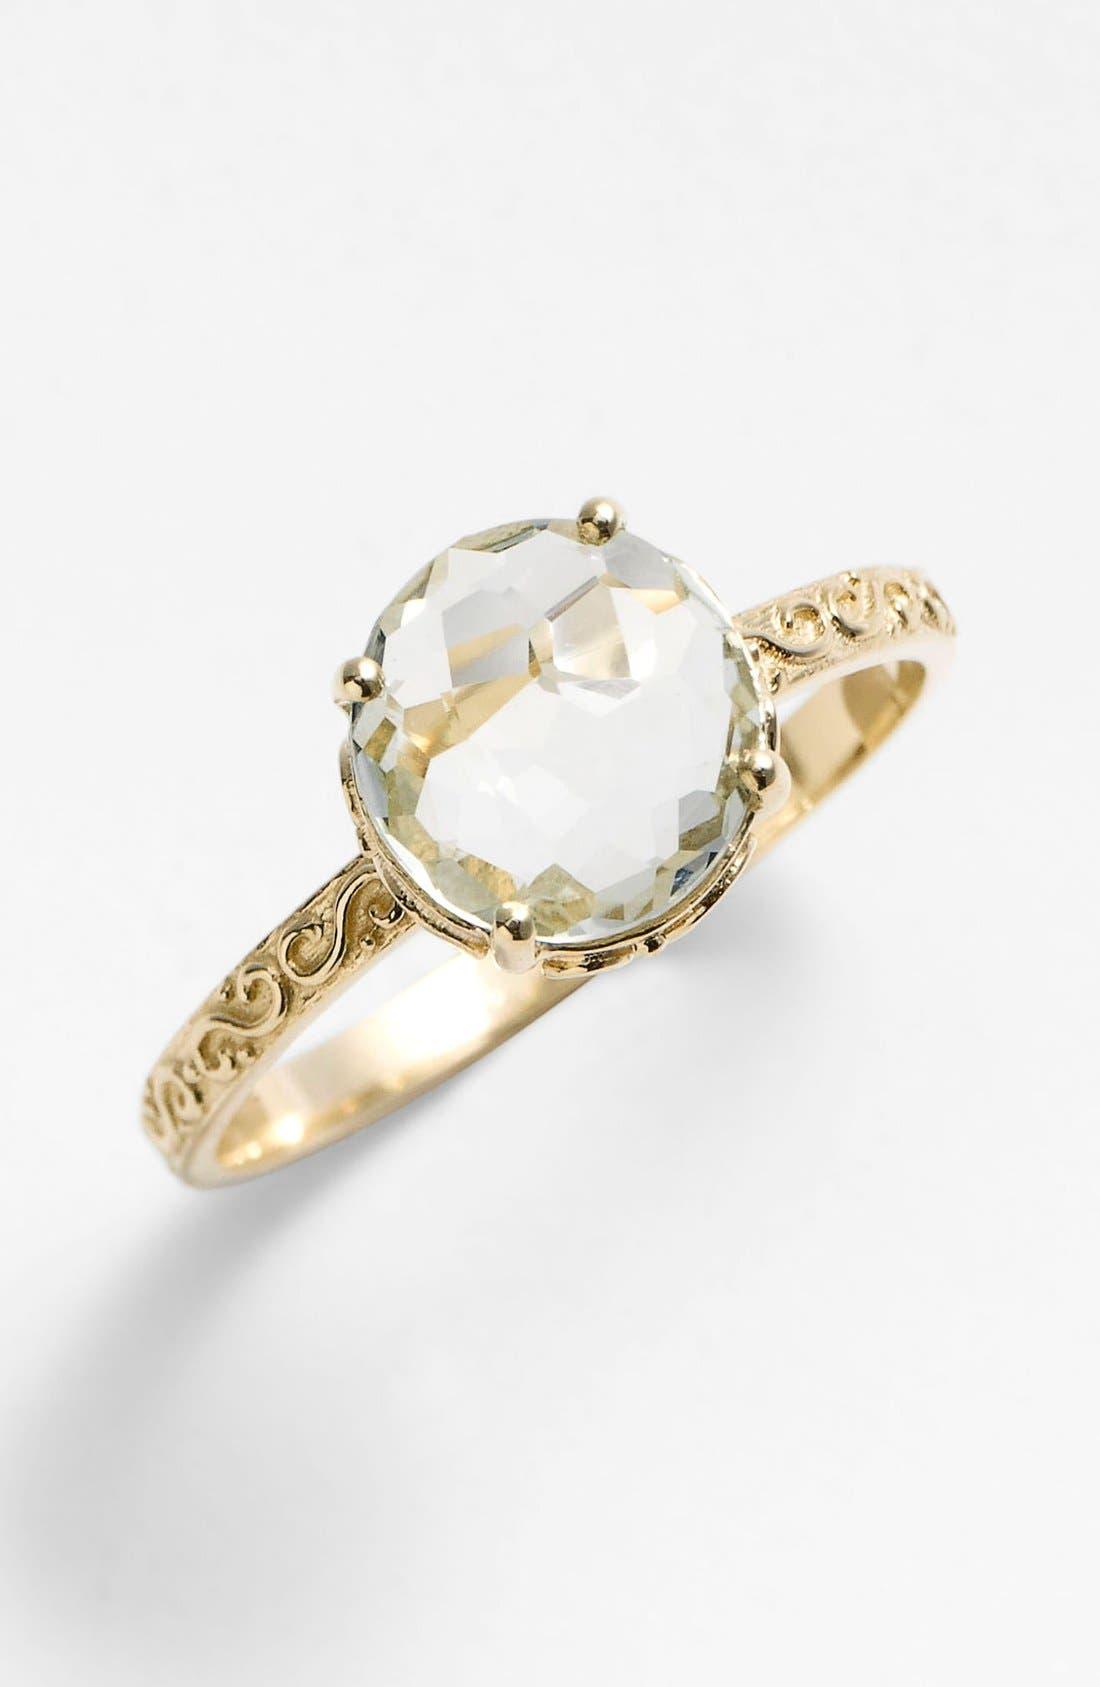 Main Image - KALAN by Suzanne Kalan Round Stone Filigree Ring